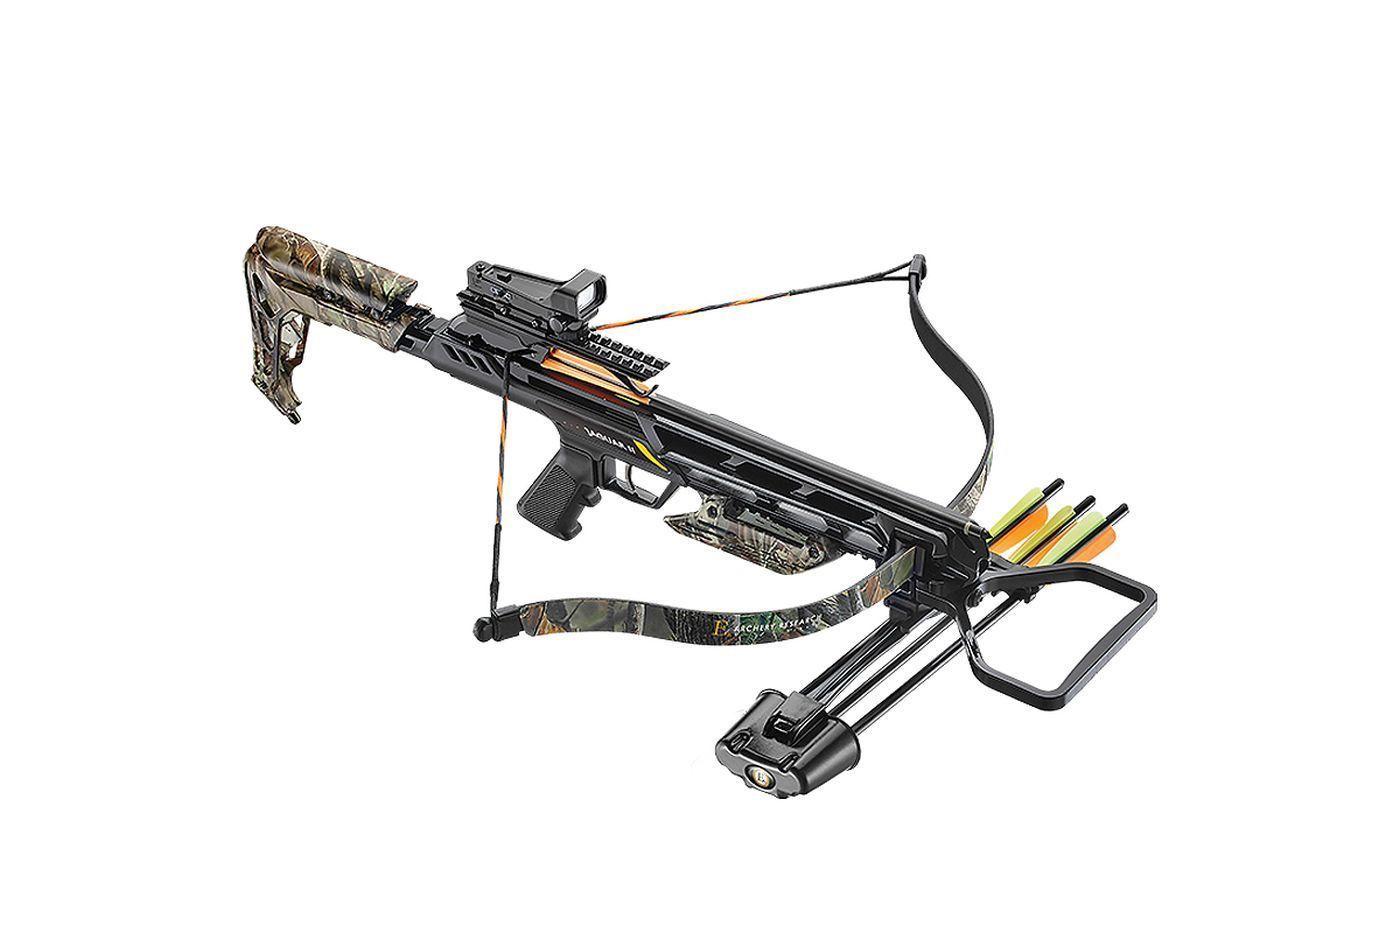 Ek Archery JAG 2 Pro Armbrust Camo wiederholte Identitäts- und Altersprüfung durch DHL: +0.00 EUR